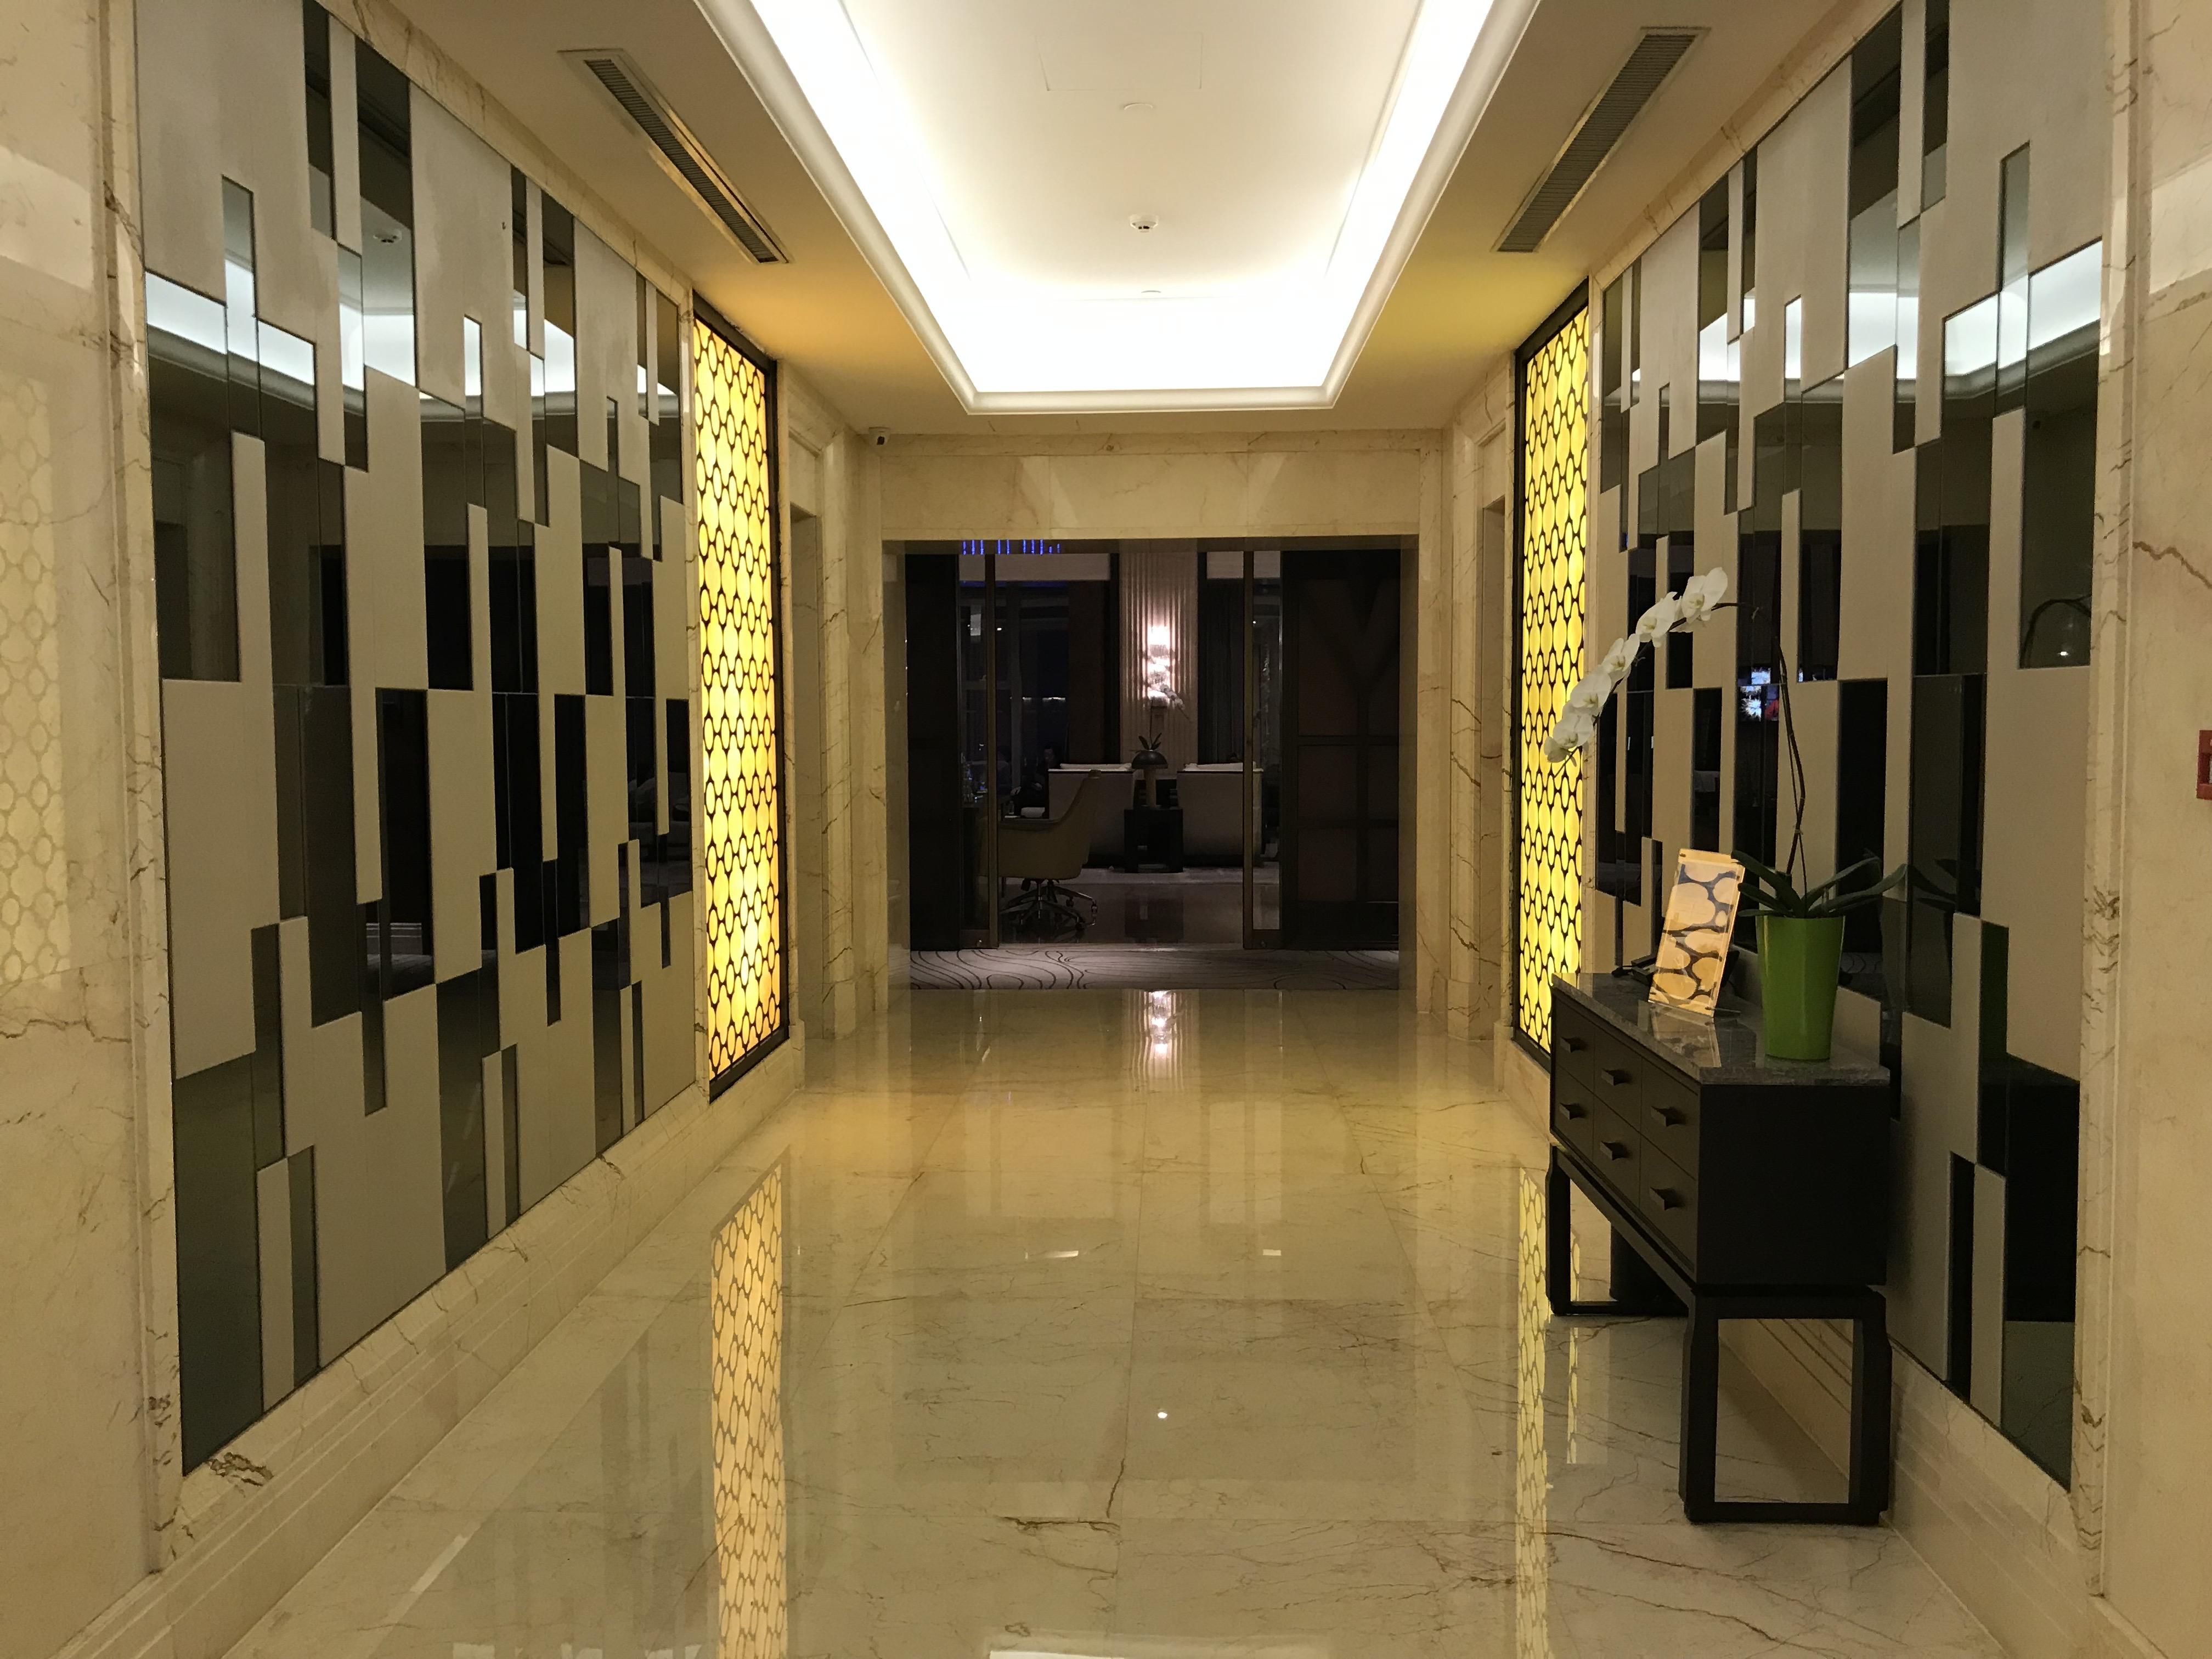 【中国】ウェスティン青島(威斯汀酒店)宿泊記!アクセスやホテル内の様子